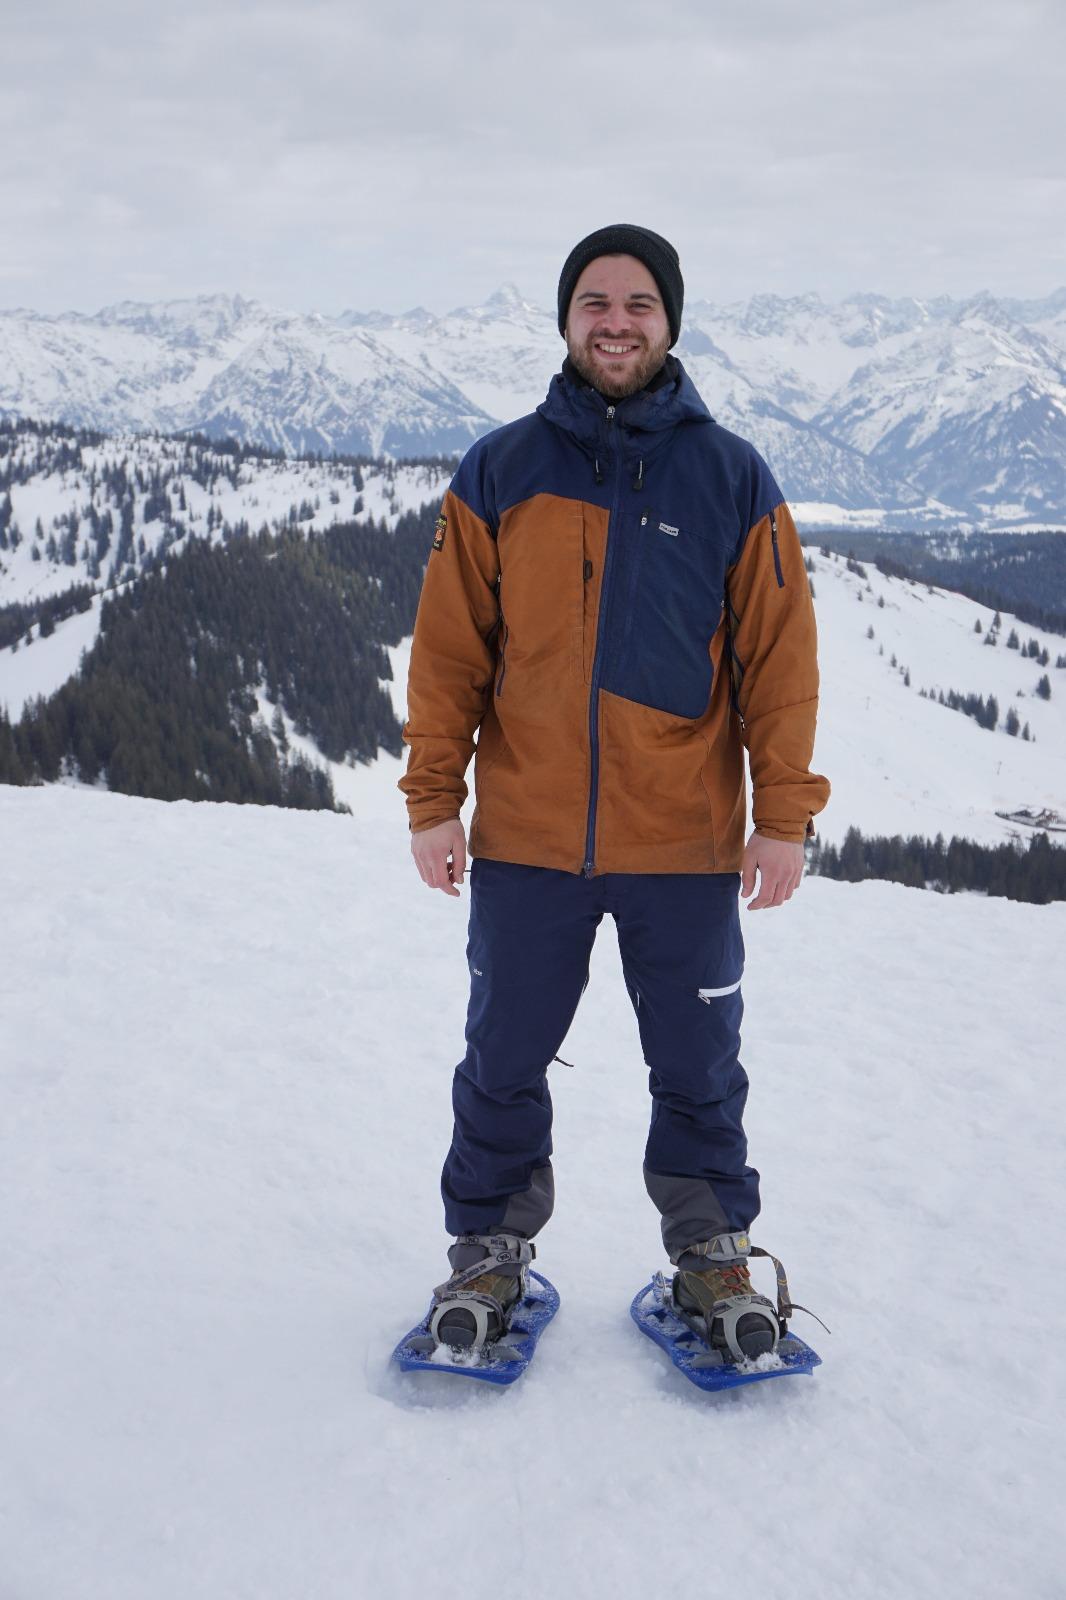 Paramo Enduro Jacket - auch heute noch mein täglicher Begleiter. Hier Riedberger Horn (Allgäu)